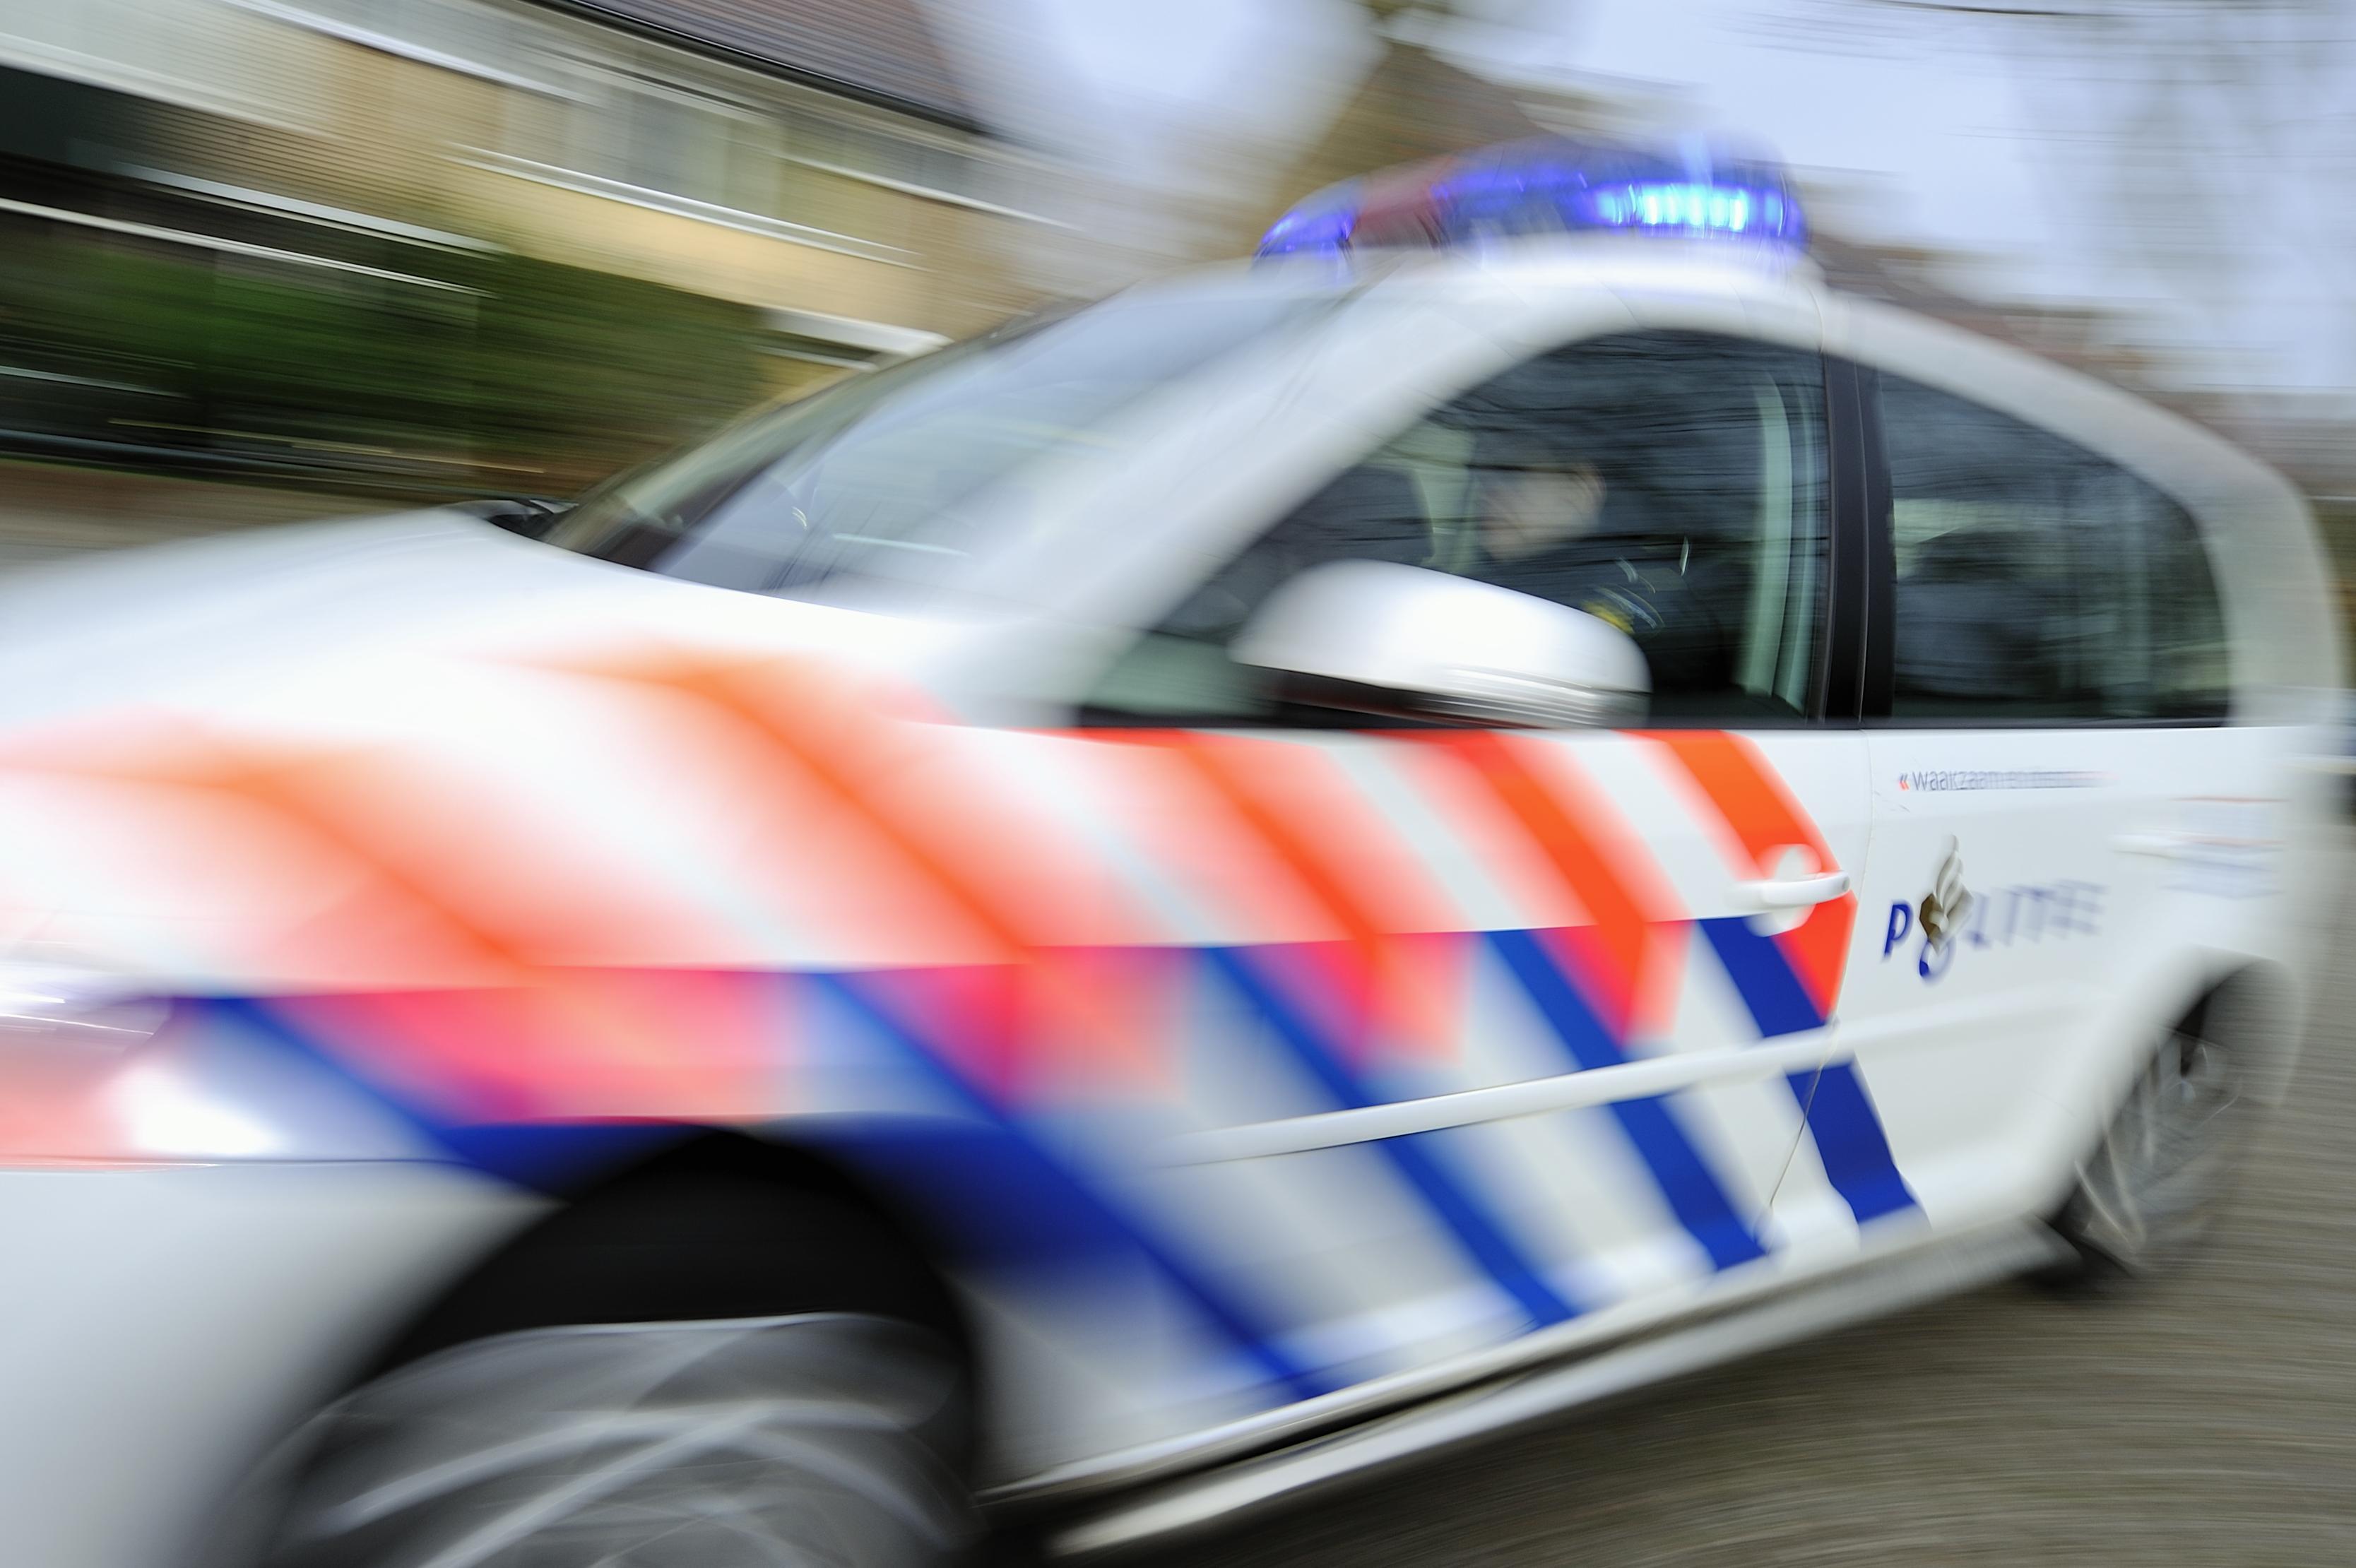 41-jarige bestuurder onder invloed en zonder rijbewijs aangehouden in Akersloot, later nogmaals op A9 bij Velsen-Zuid